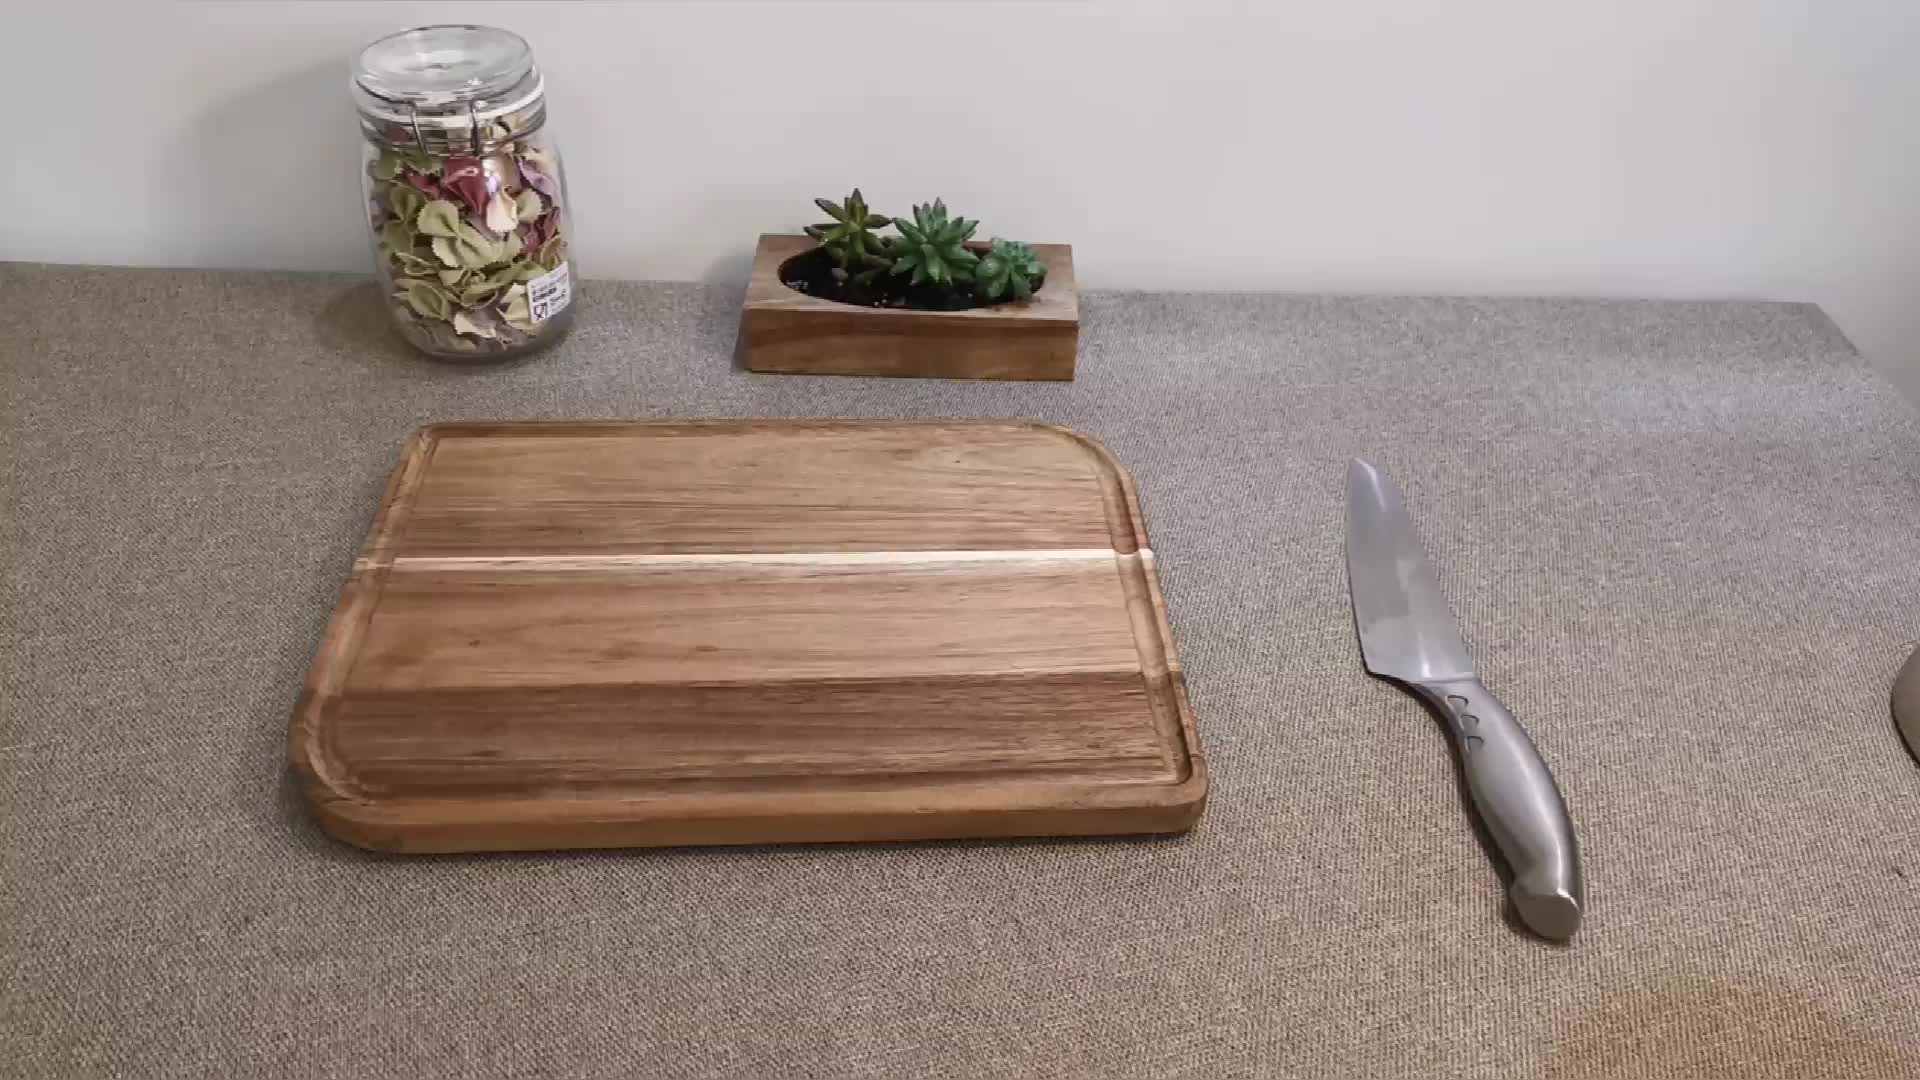 굿 Quality NON-Slip 큰 넛 나무 Cutting board 주방 유기 마 Block 고기 집게를 제공 보드 와 주스 홈 볼 봉인